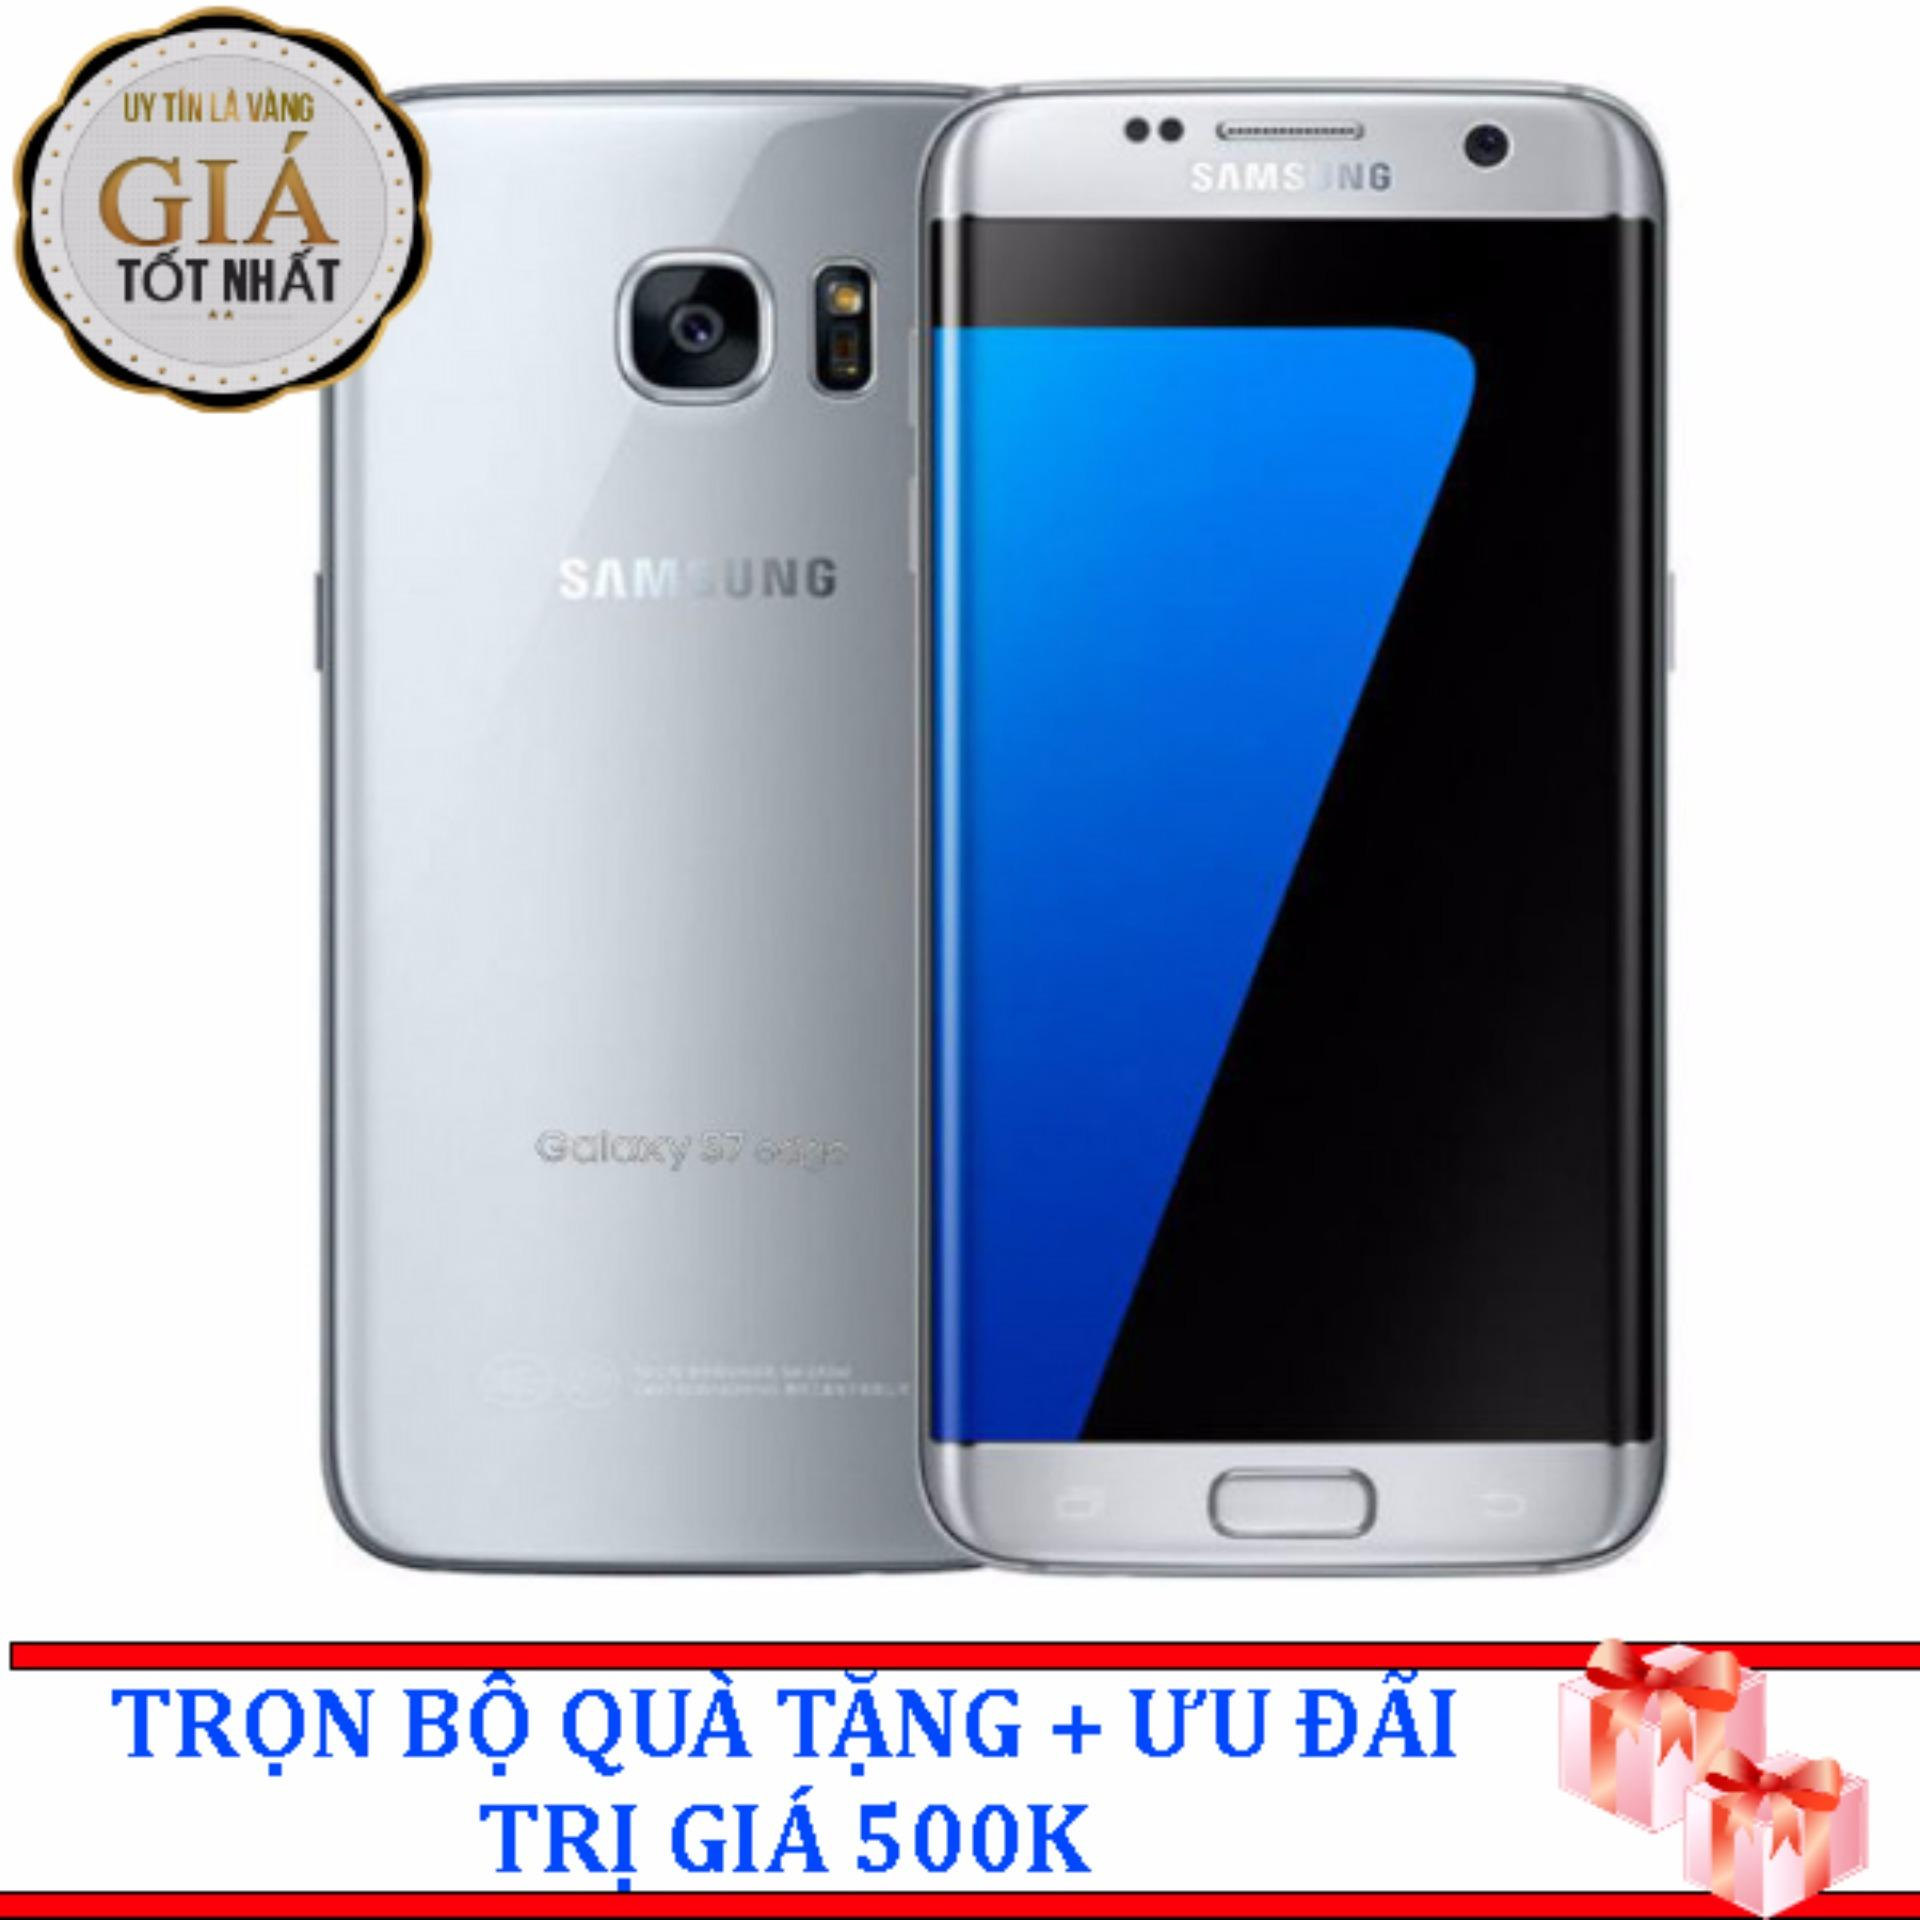 Bán Samsung Galaxy S7 Edge 32Gb Bạc Hang Nhập Khẩu Samsung Có Thương Hiệu